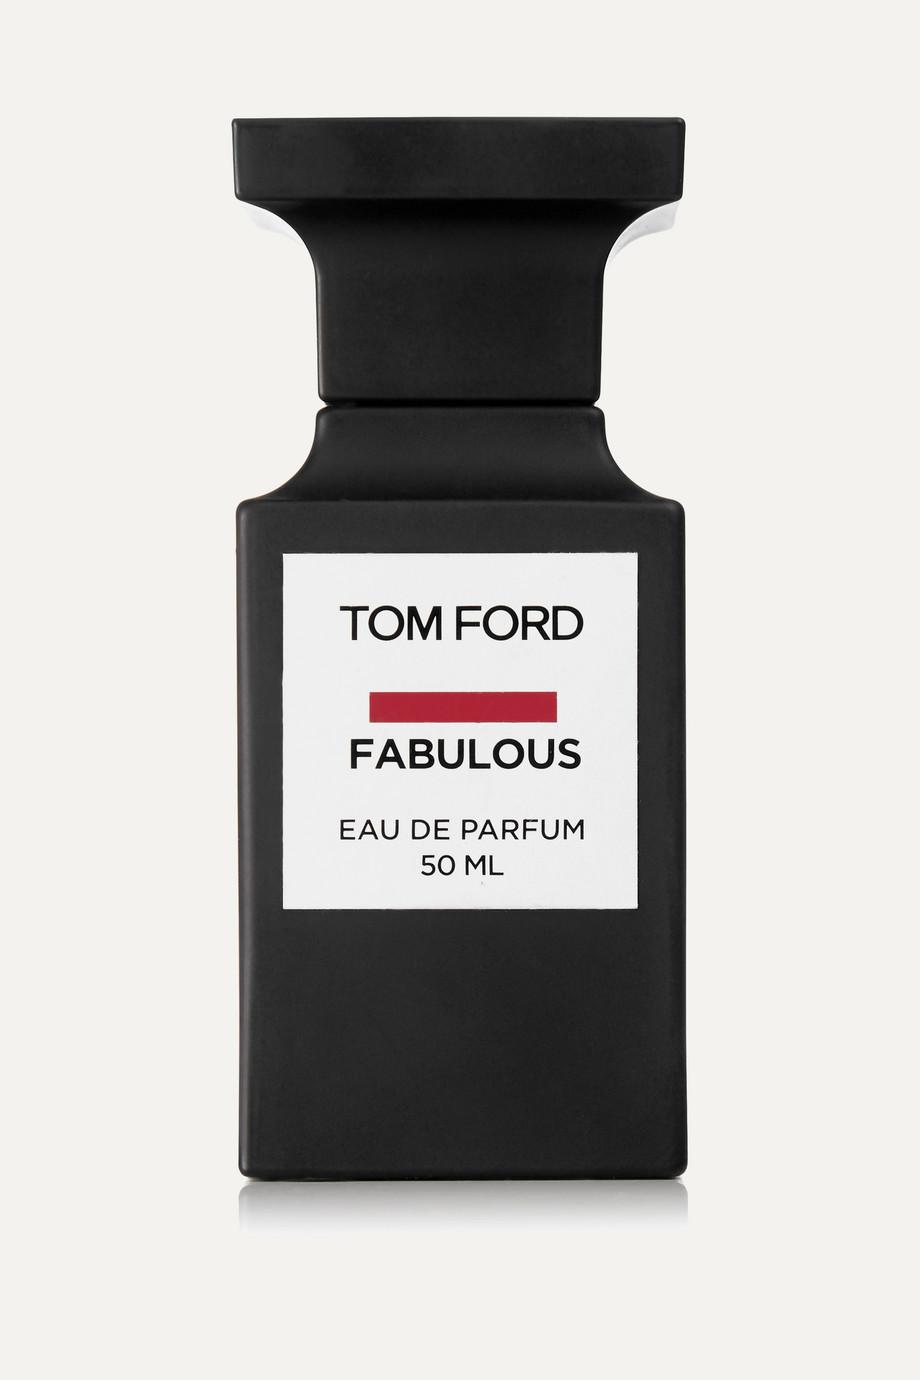 TOM FORD BEAUTY ******* Fabulous, 50 ml – Eau de Parfum